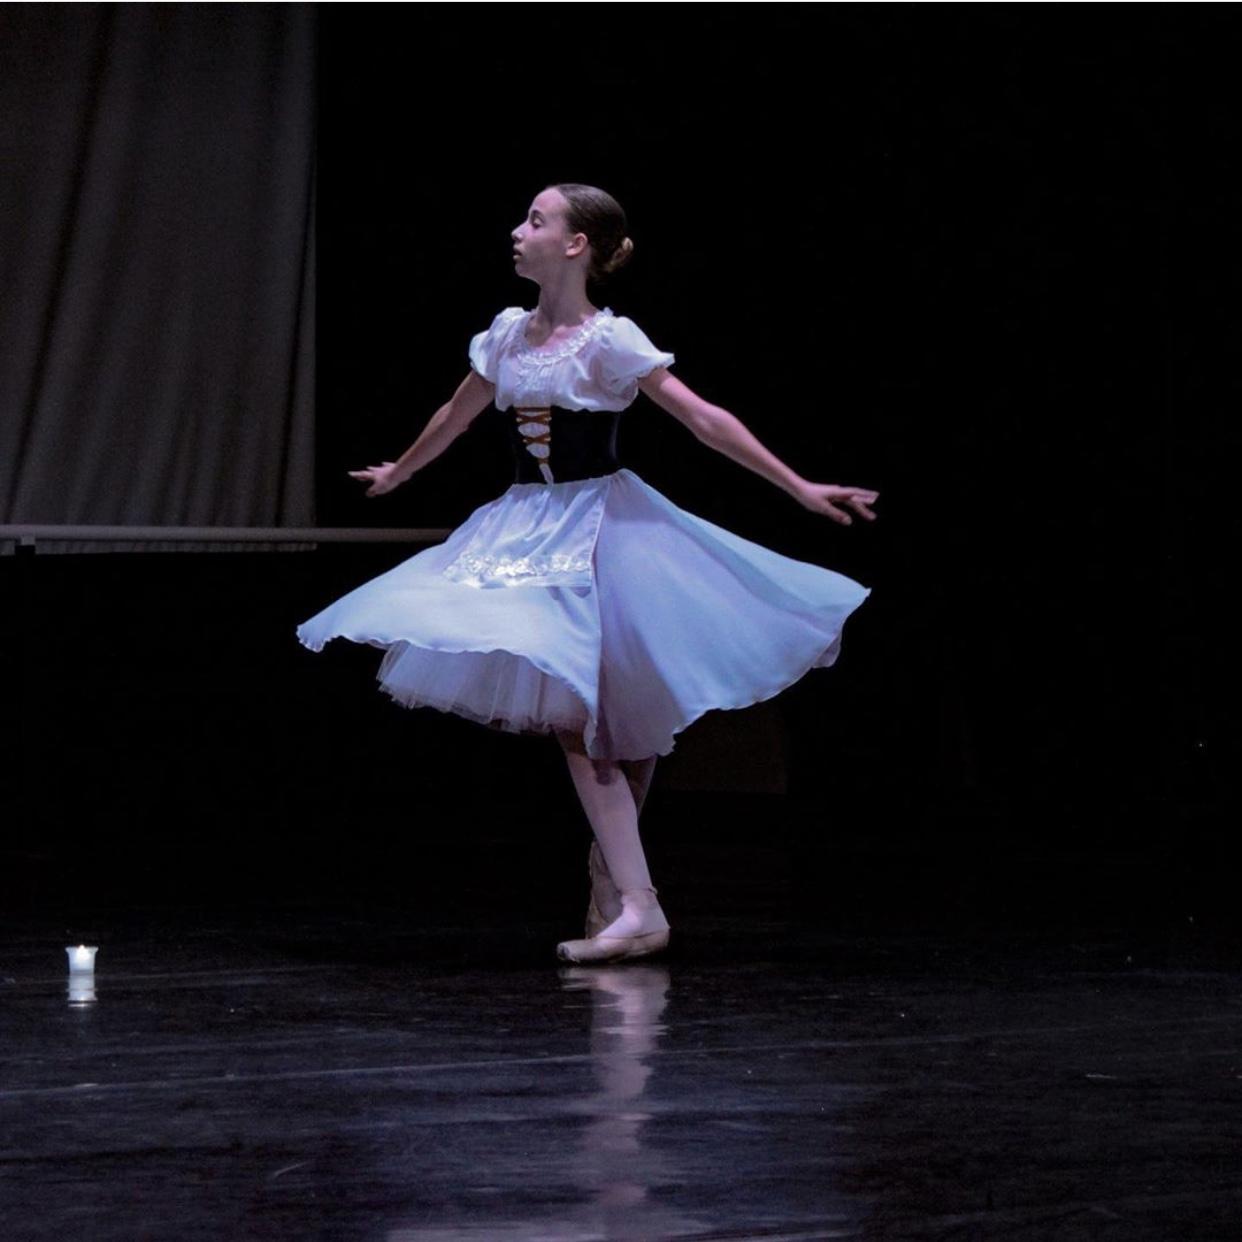 Запорожская балерина завоевала медаль на международном конкурсе (Фото)